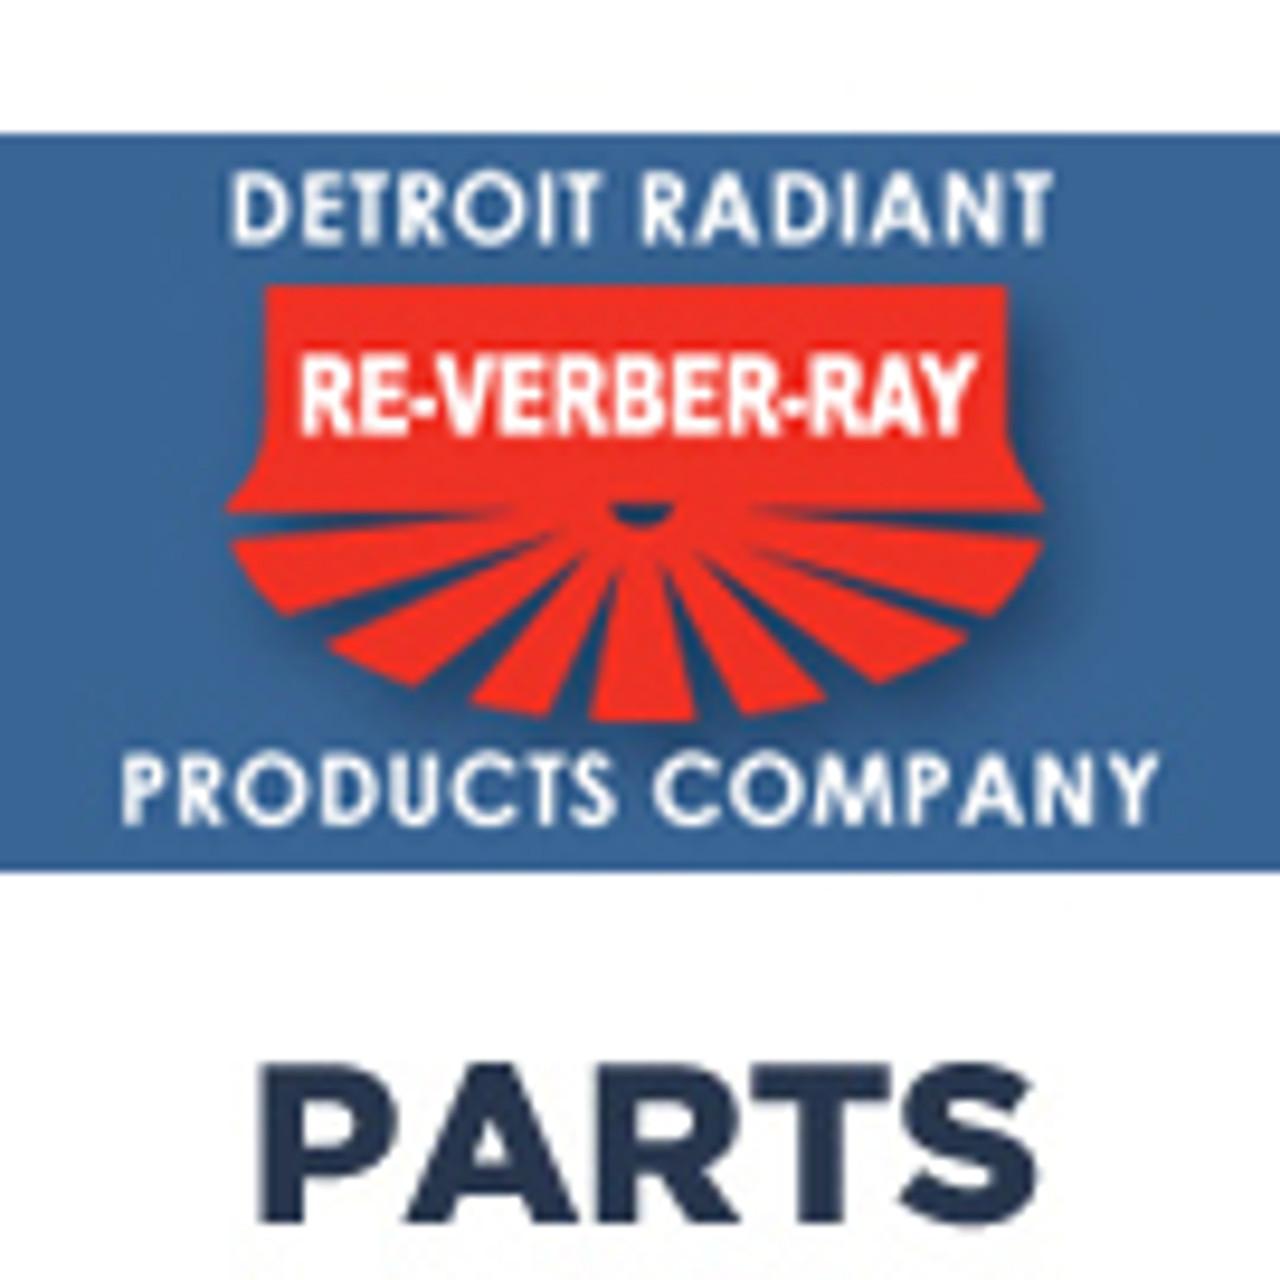 Detroit Radiant Parts